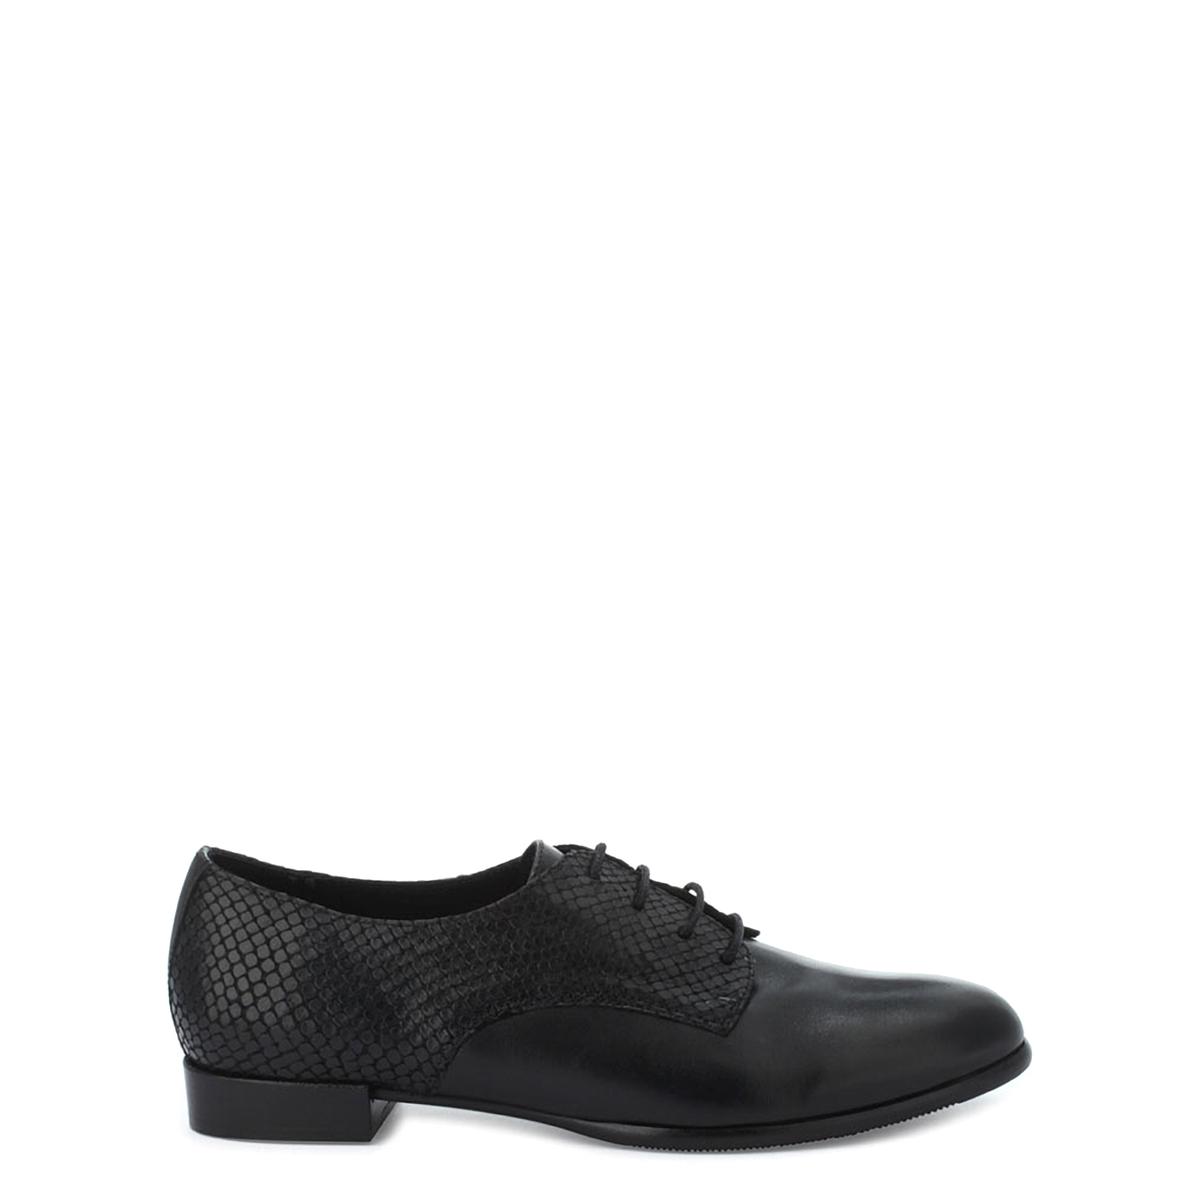 Ботинки-дерби кожаные Evaya/ Rept ботинки дерби под кожу питона